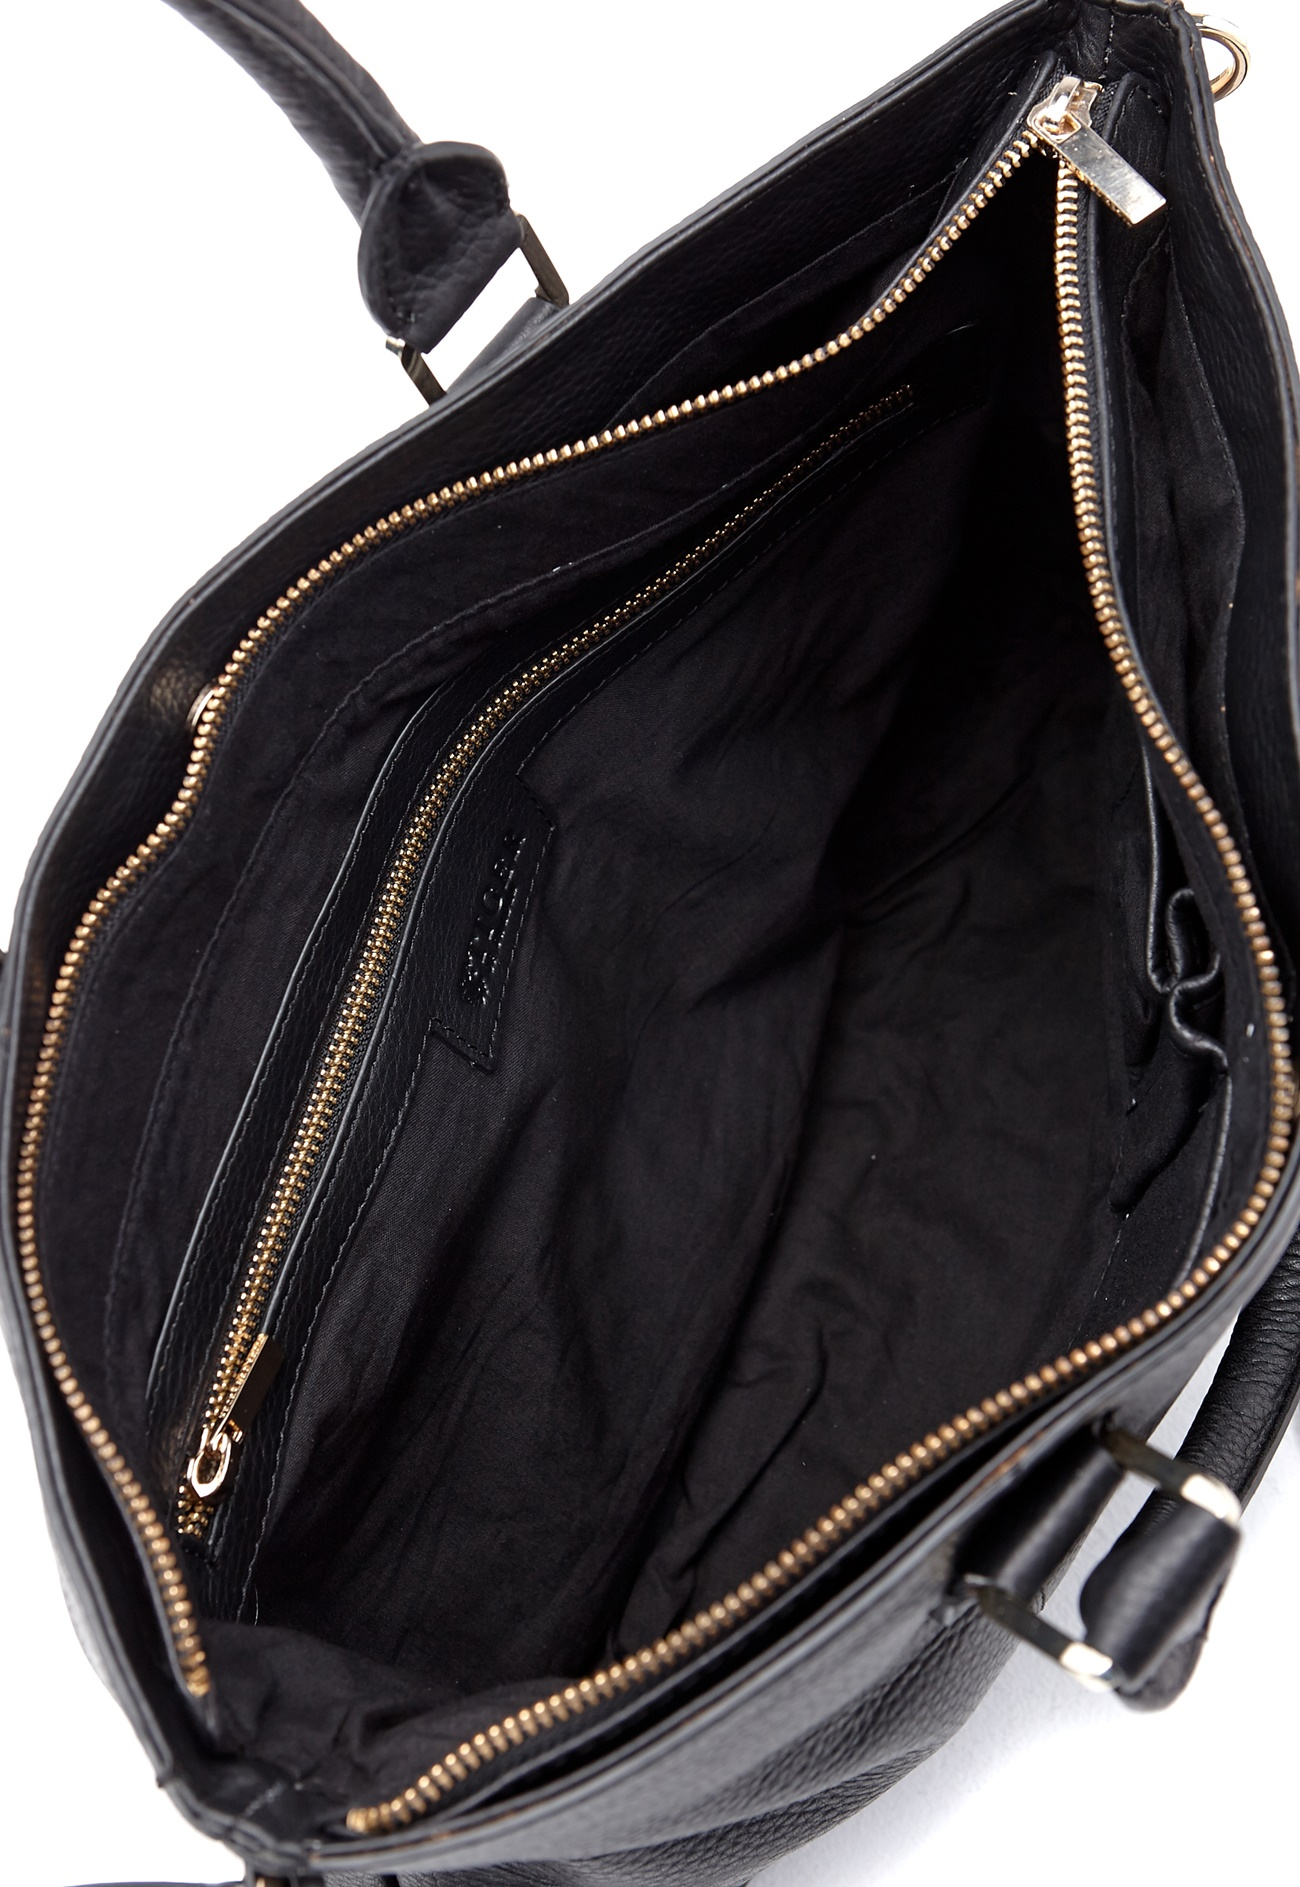 Givenchy Väskor Stockholm : Tiger of sweden florina leather bag black bubbleroom